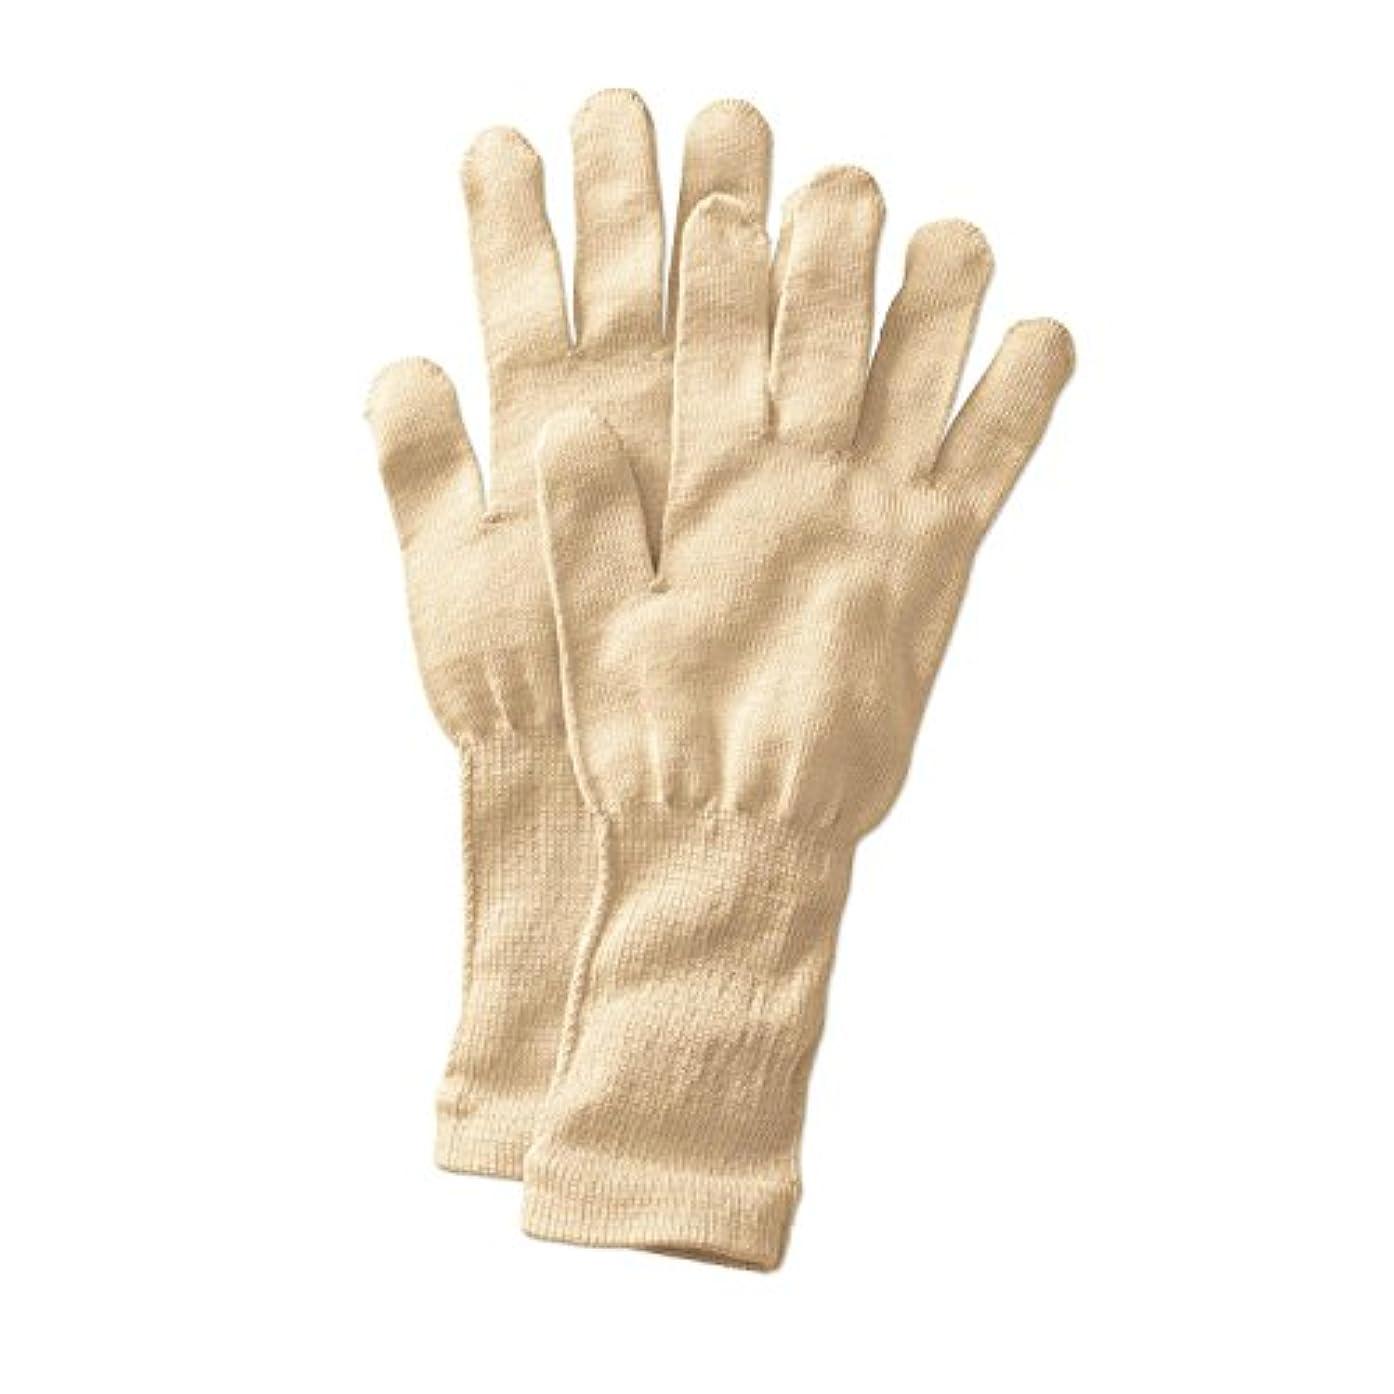 みなす制限囲い[ベルメゾン] 手袋 シルク 冷え取り おやすみ あったか /冷えとり日和365 クリーム